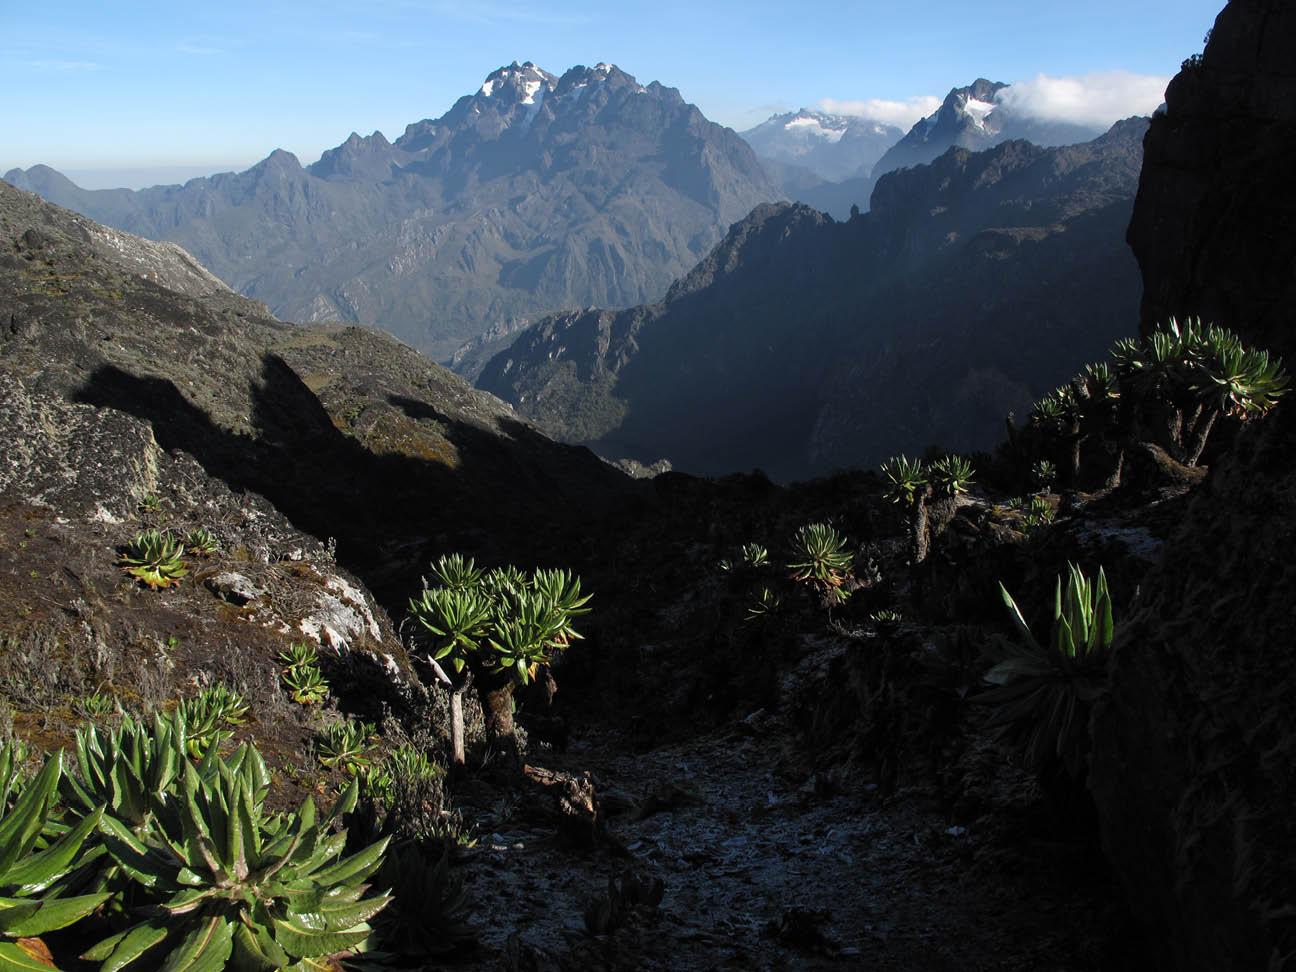 Rwenzori Mountains, Uganda